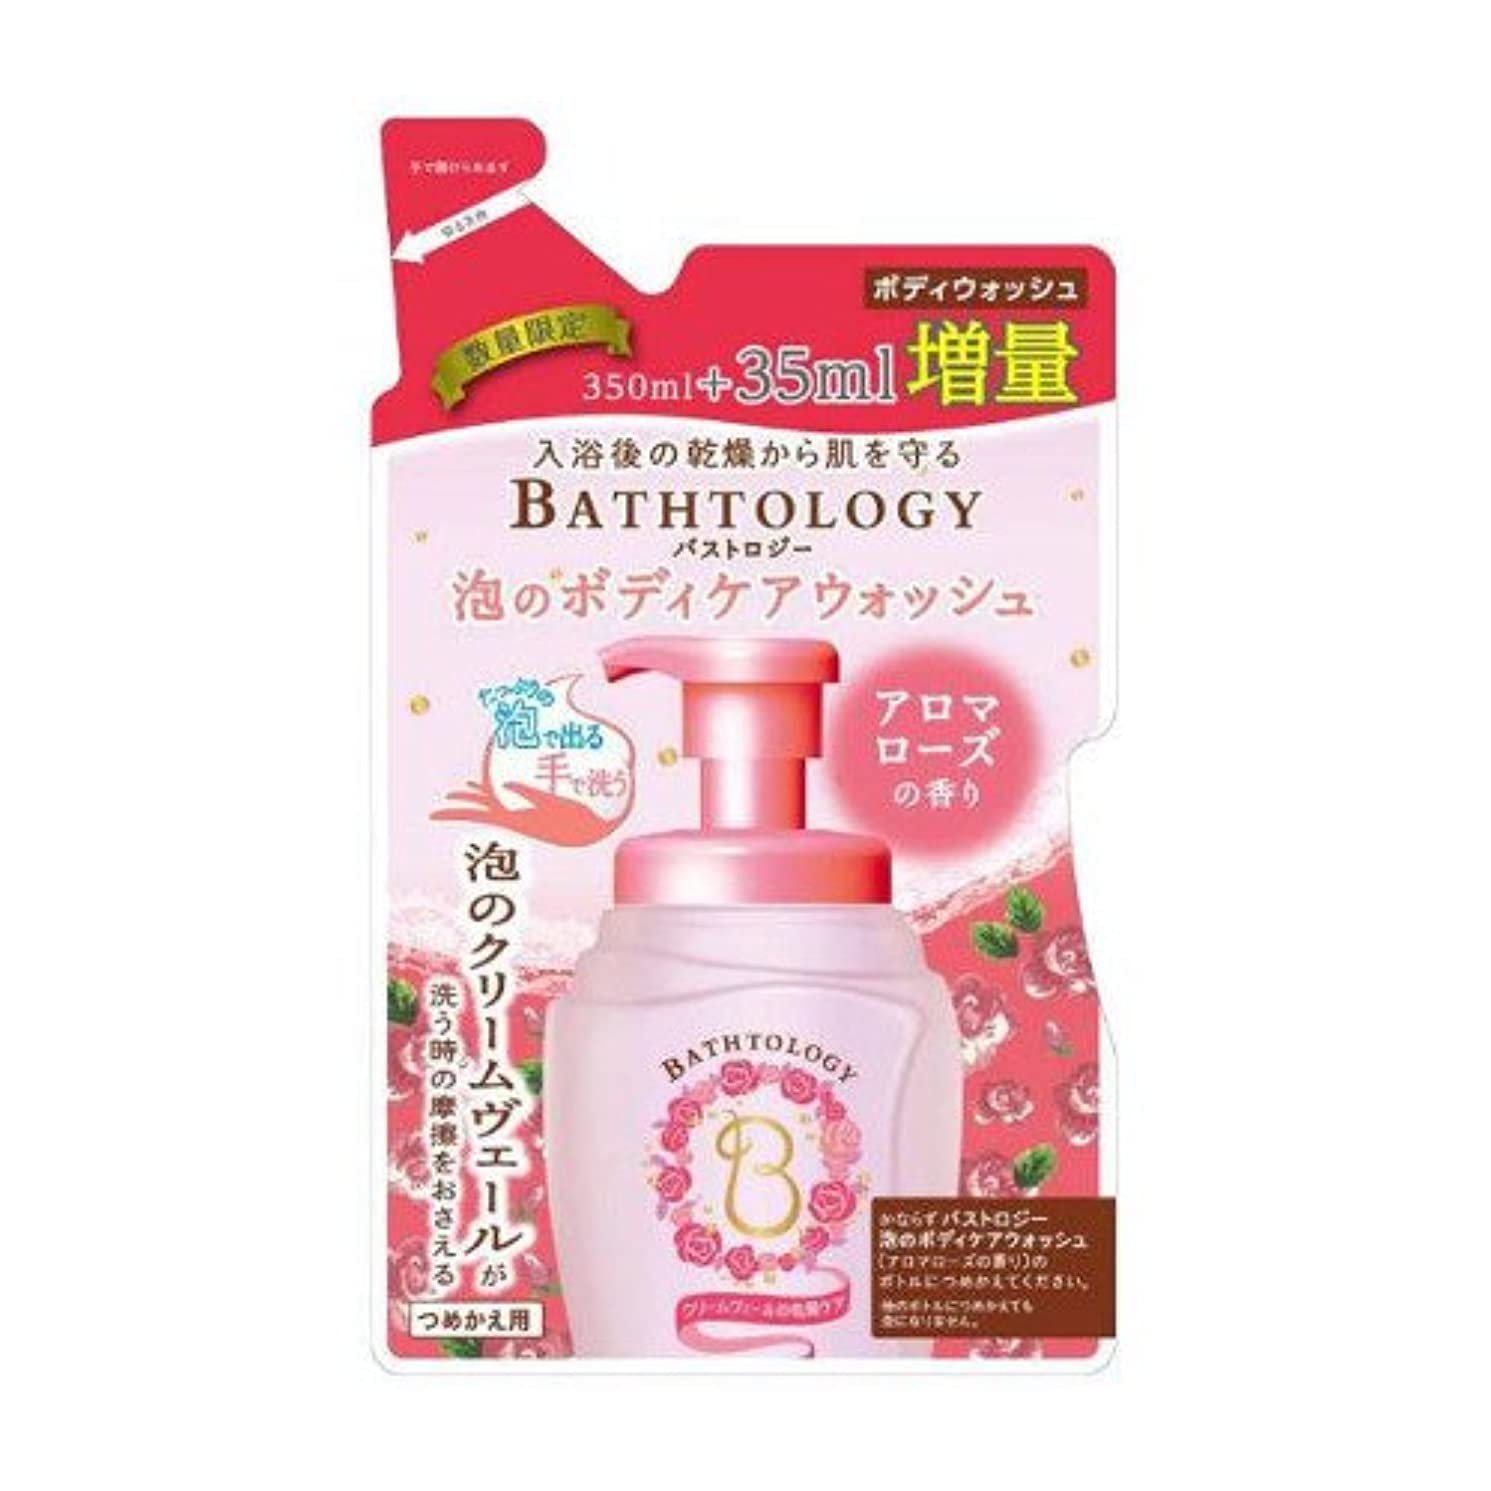 堤防世論調査眠っているBATHTOLOGY(バストロジー) 泡のボディケアウォッシュ アロマローズの香り 詰替